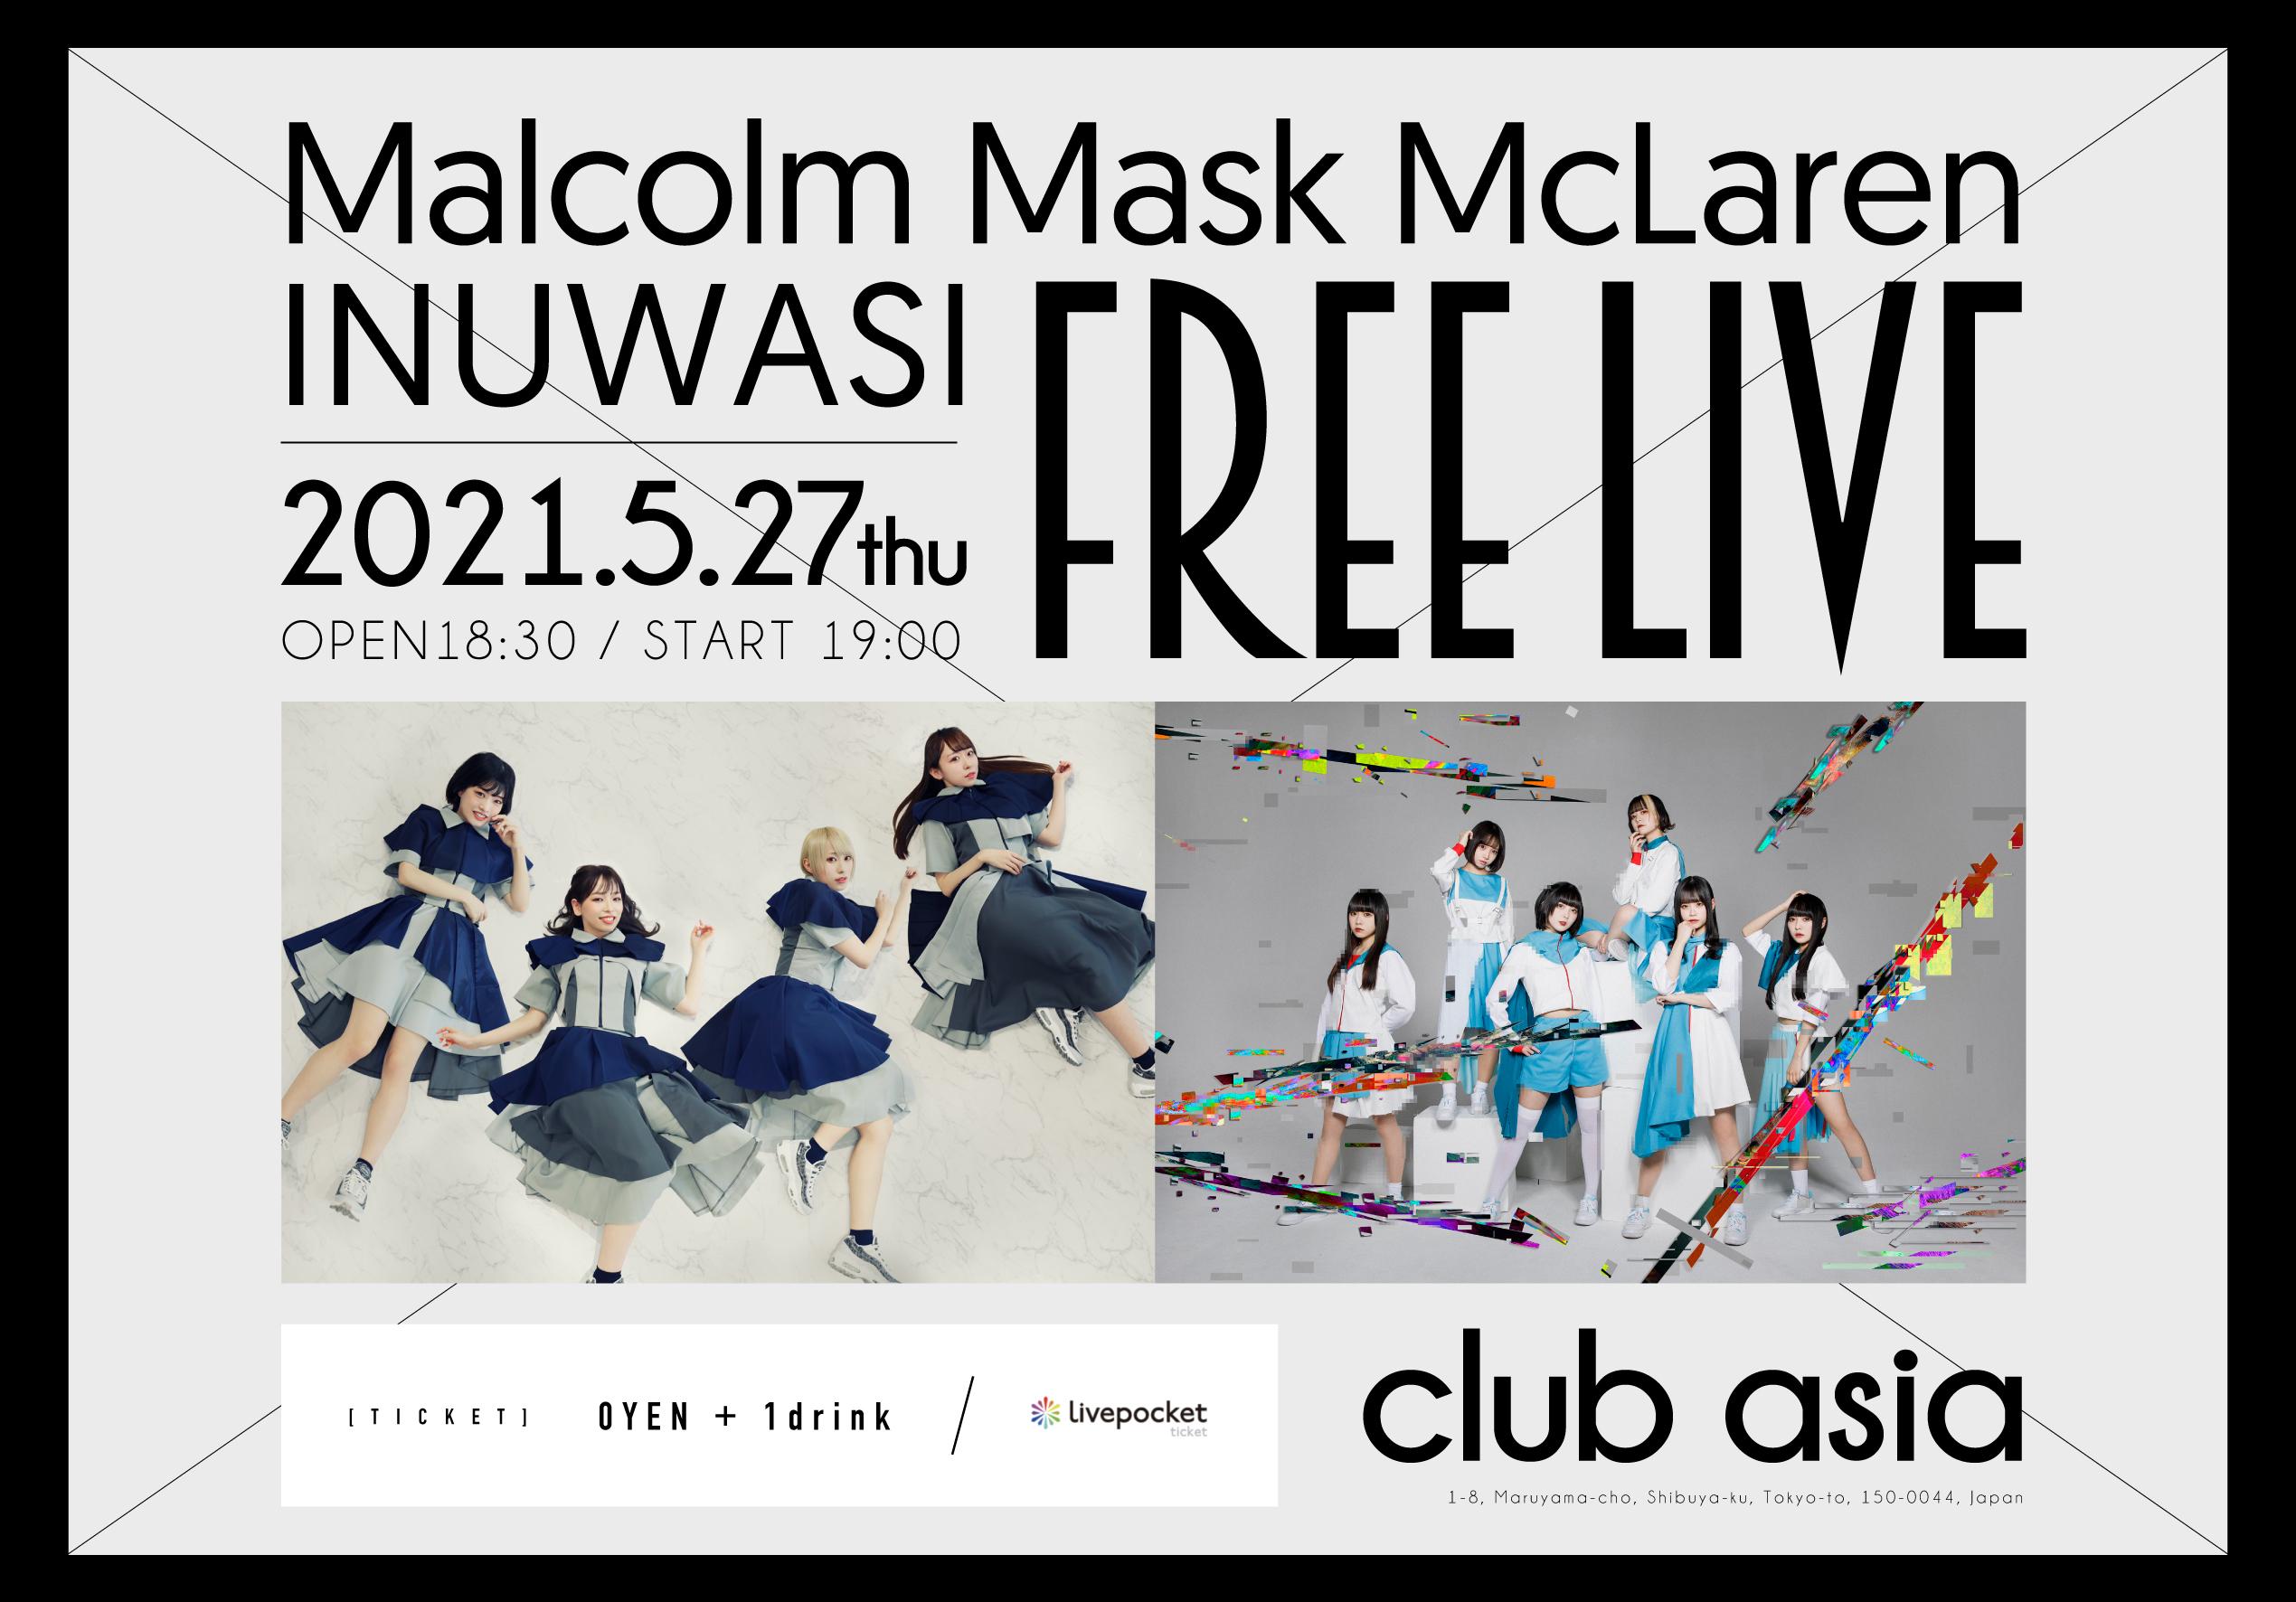 「Malcolm Mask McLaren×INUWASI FREE LIVE」